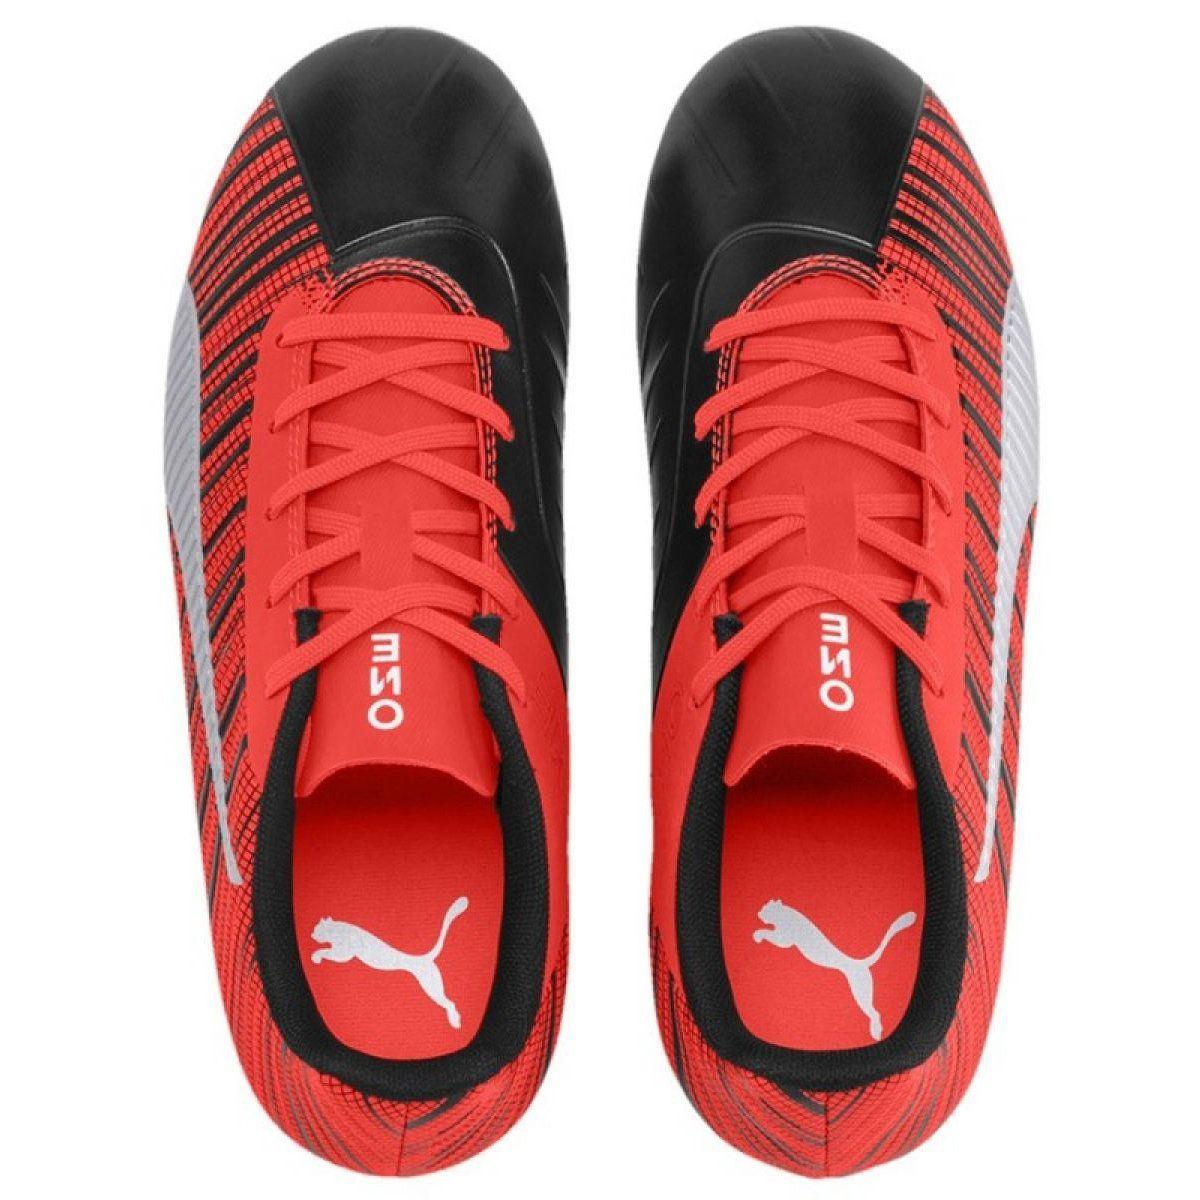 Buty Puma One 5 4 Fg Ag M 105660 01 Czerwony Czerwone Czerwone Football Boots Football Shoes Puma